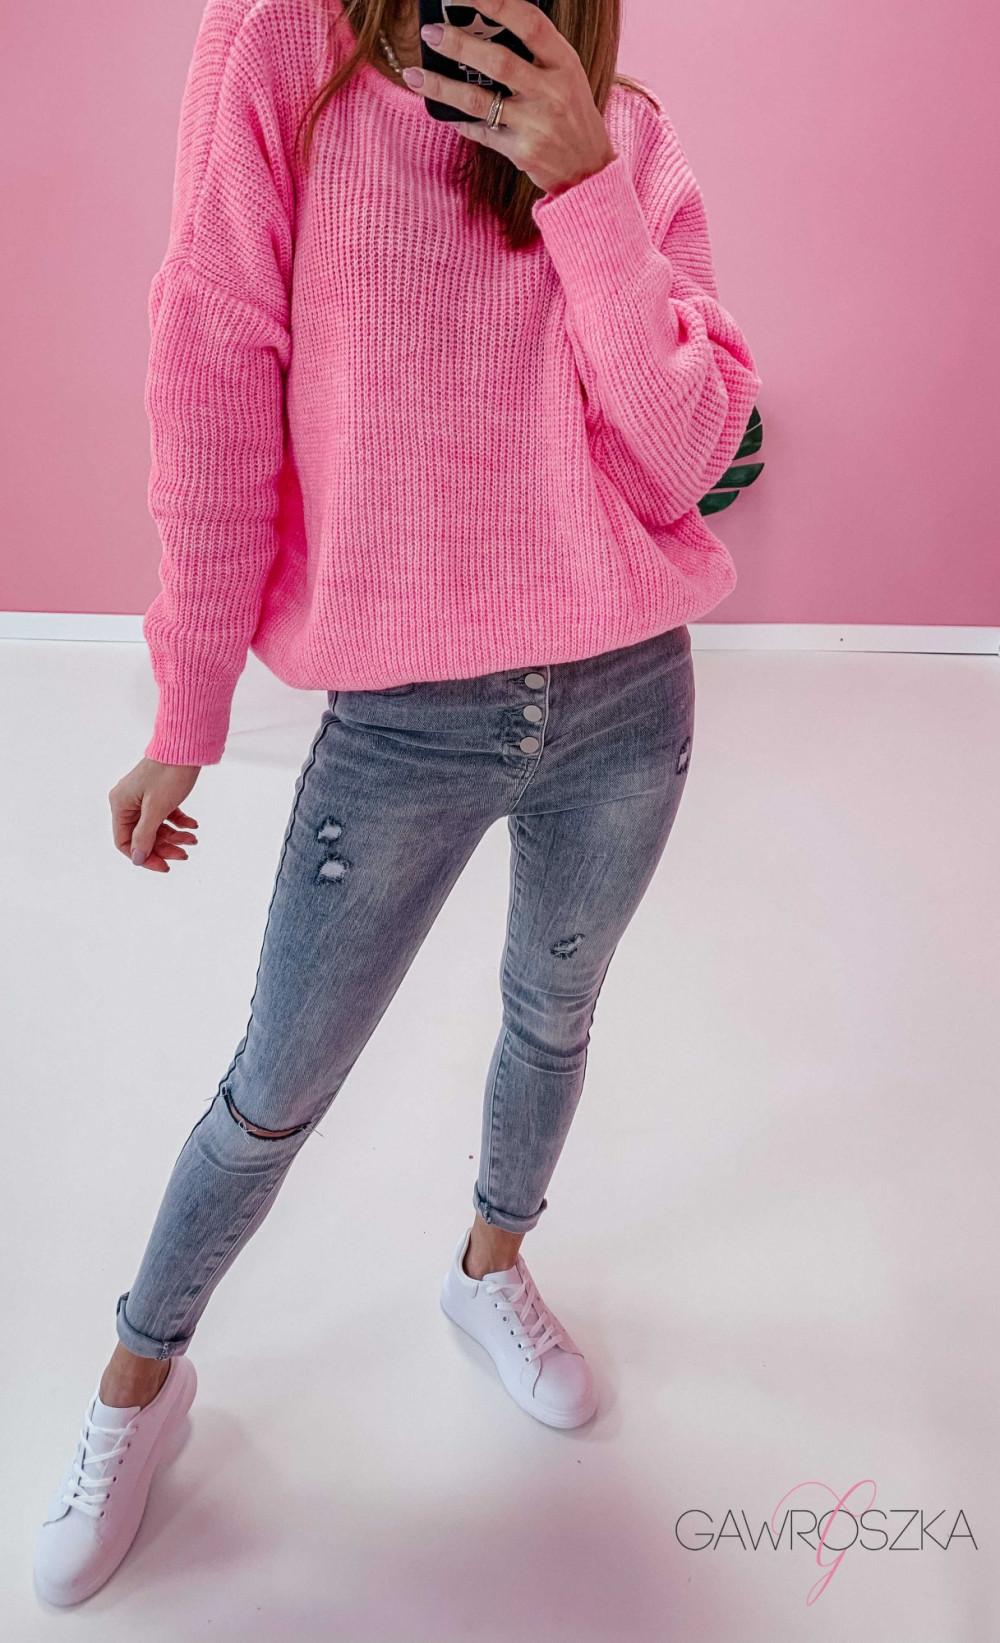 Spodnie jeans z guzikami - GREY 1